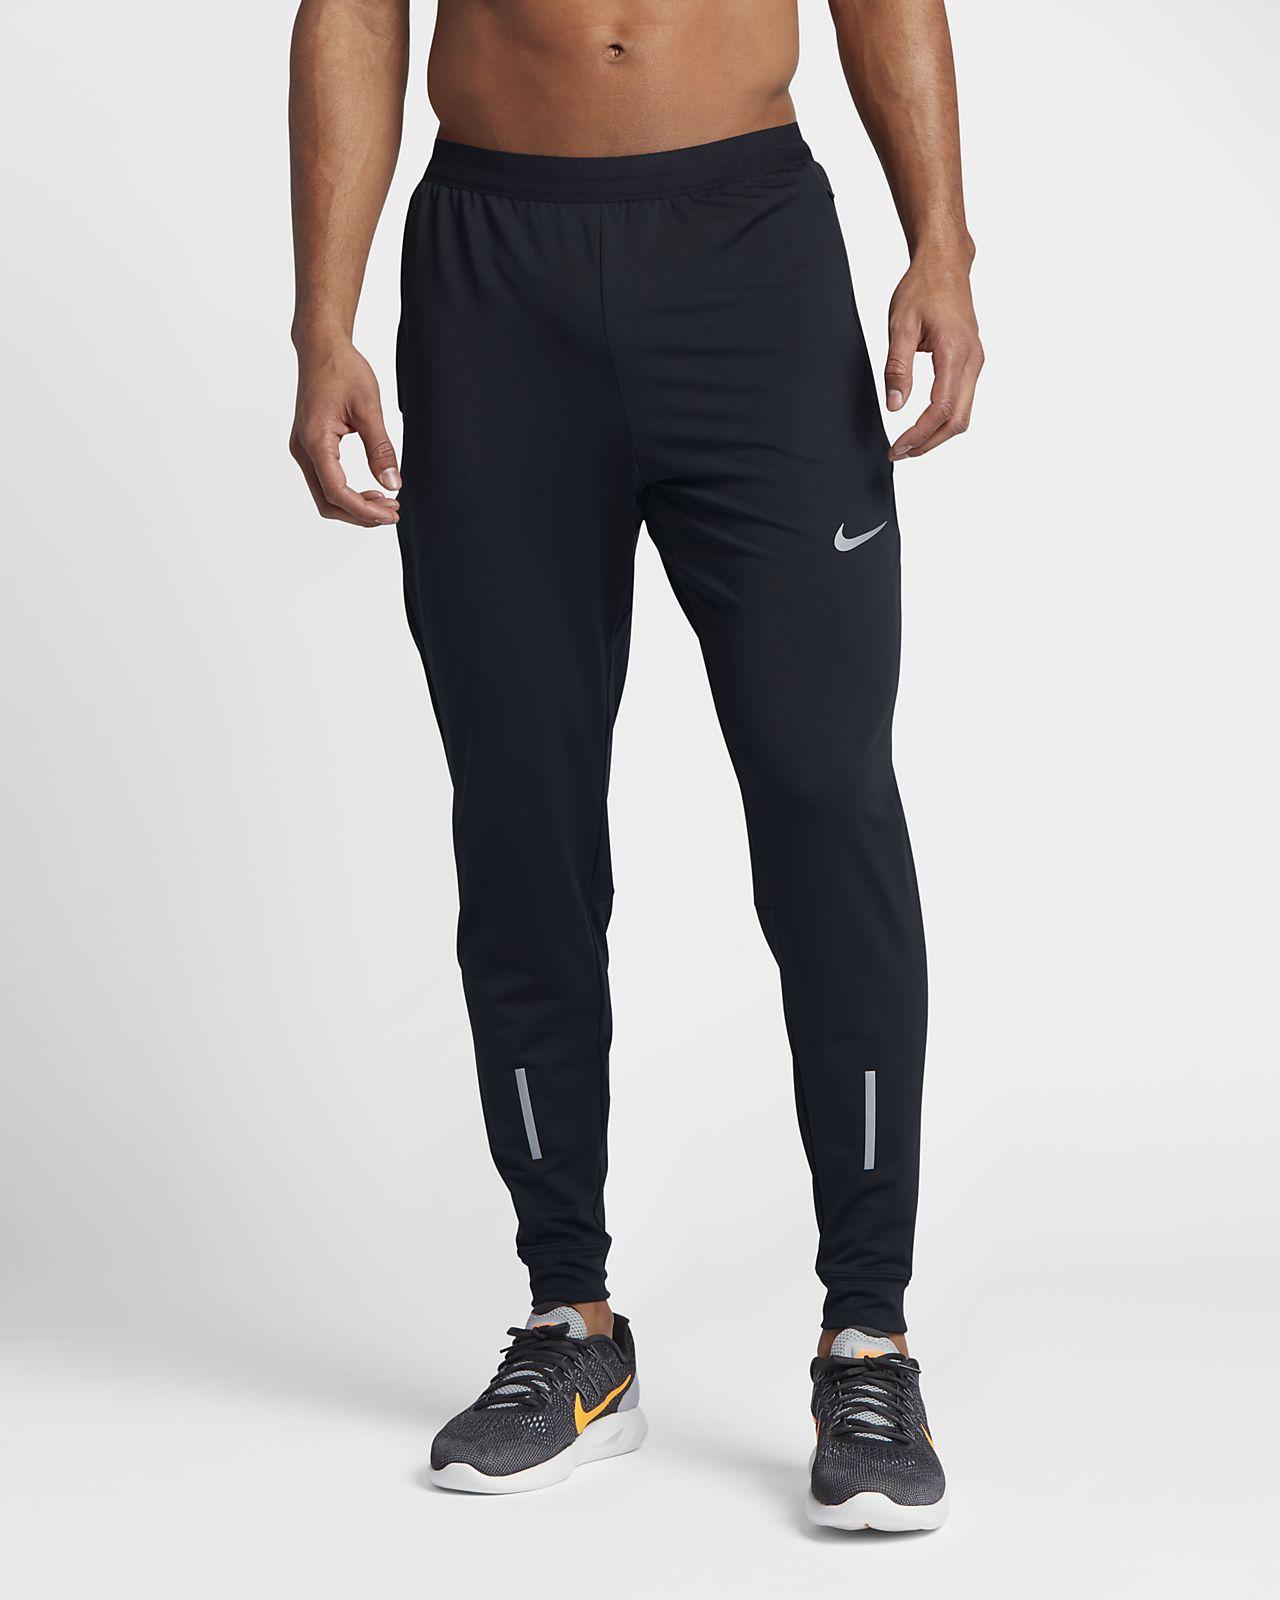 4937e04460ed3f Nike Dri-FIT Phenom Men s 29